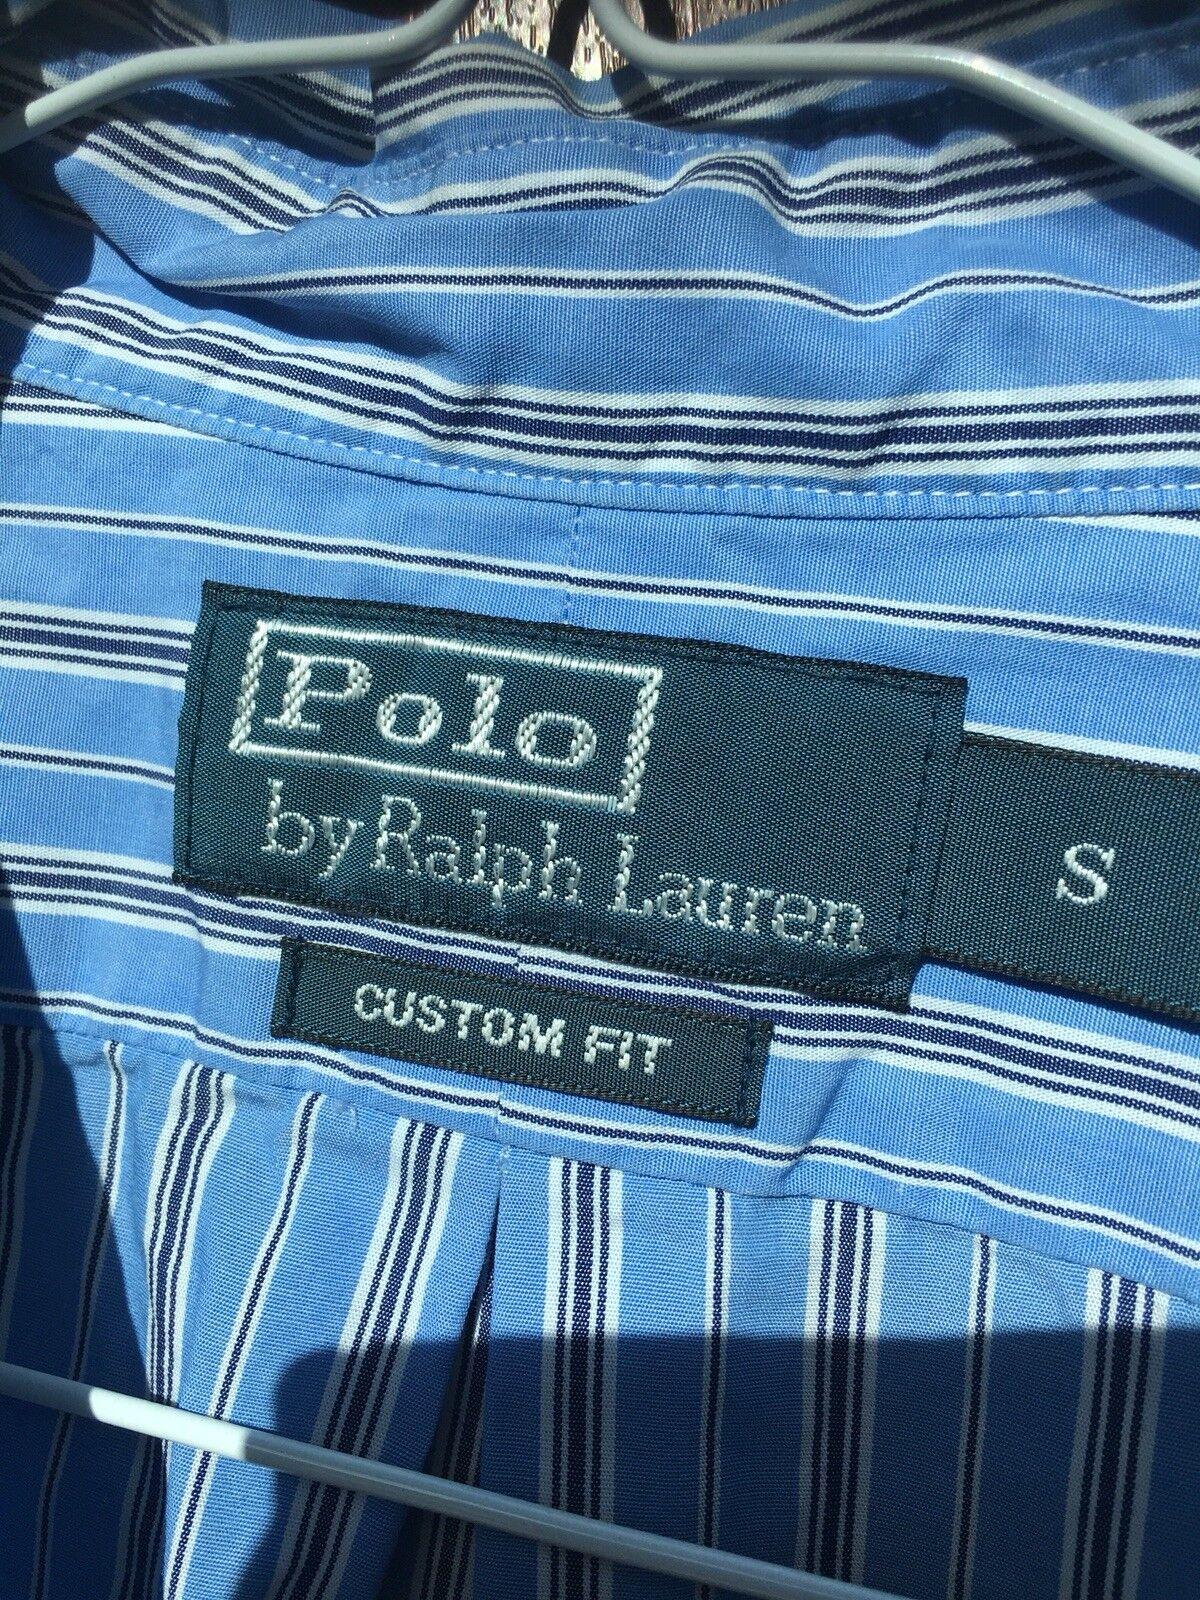 Mens Polo Ralph Lauren Shirt S